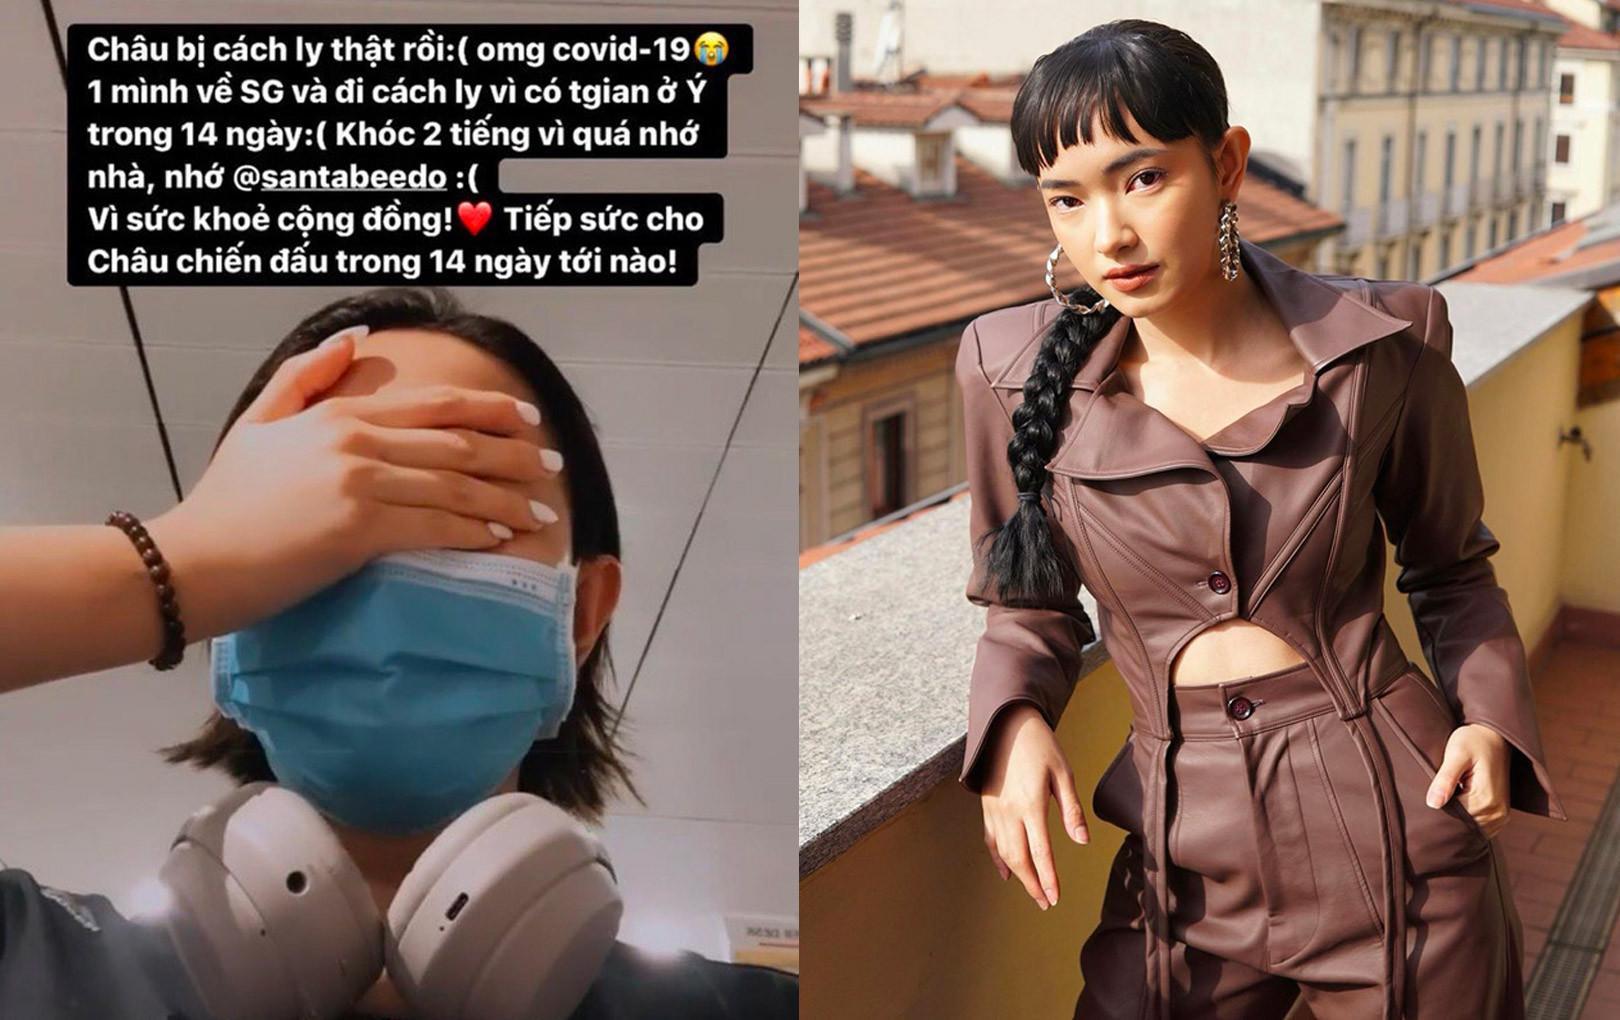 Châu Bùi là celeb đầu tiên ở Việt Nam phải cách ly tập trung vì Covid-19 sau khi trở về từ Ý